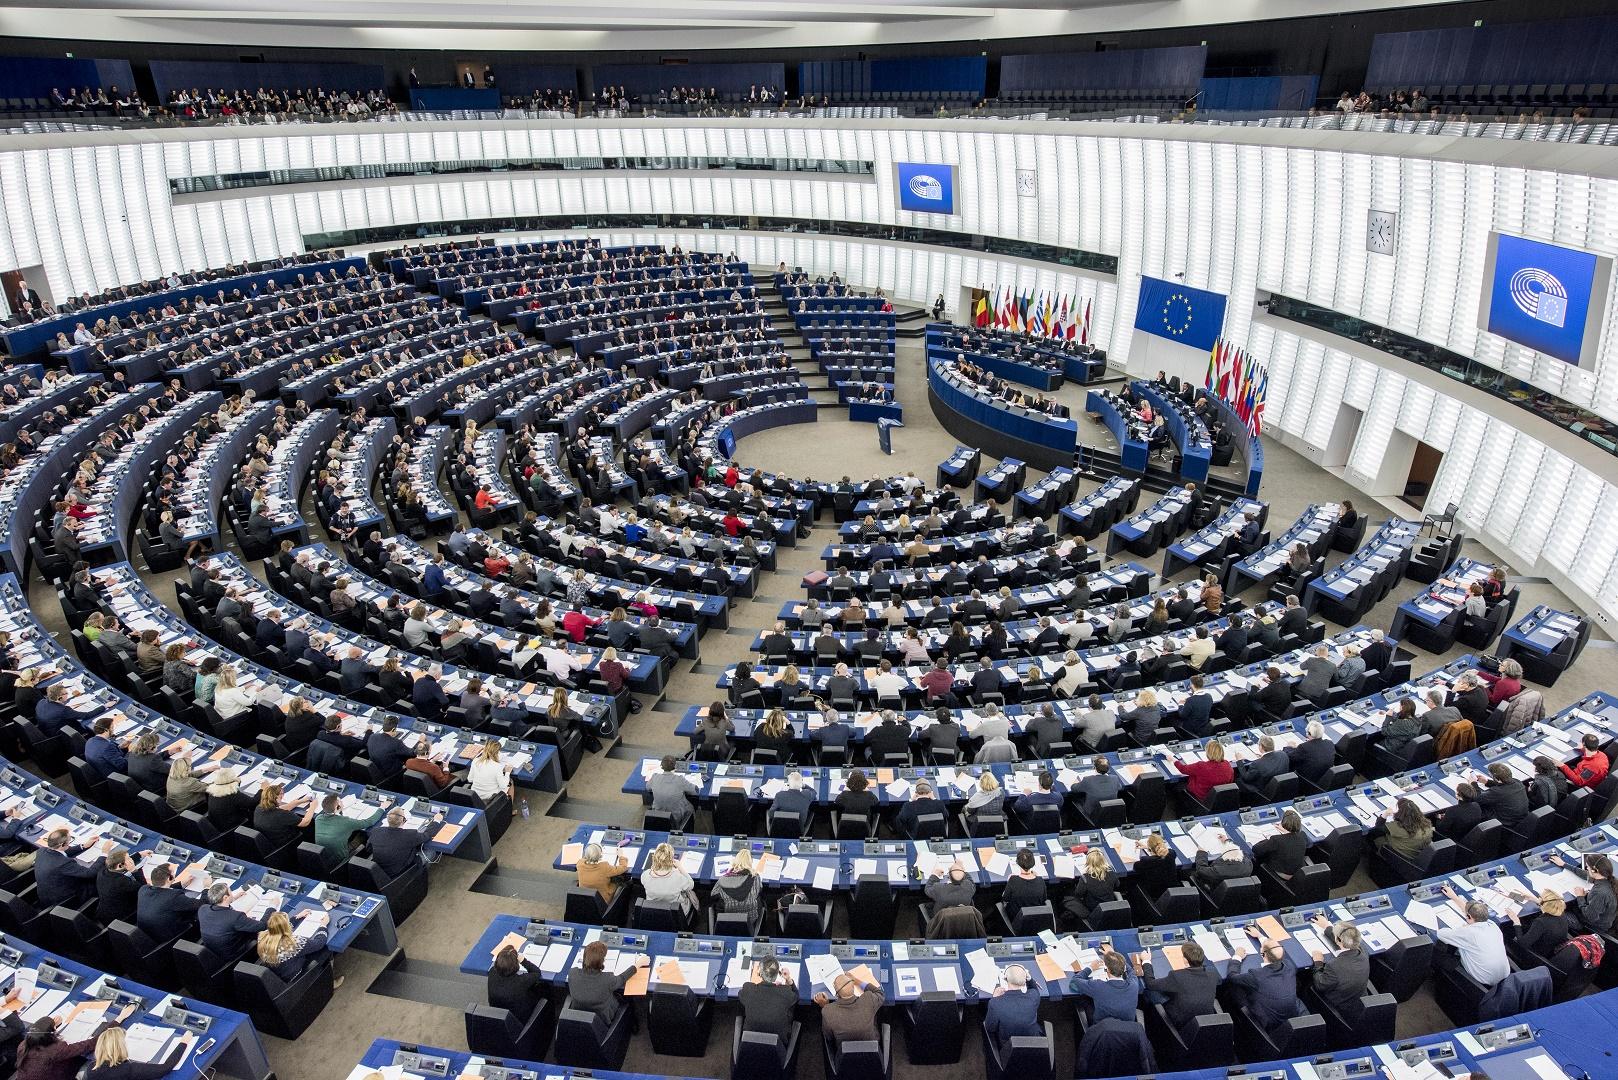 riforma dei media audiovisivi del Parlamento UE - IP Tv. Riforma dei media audiovisivi: il Parlamento europeo approva nuova direttiva. Limiti agli spot, contenuti minimi europei e tutela fasce deboli